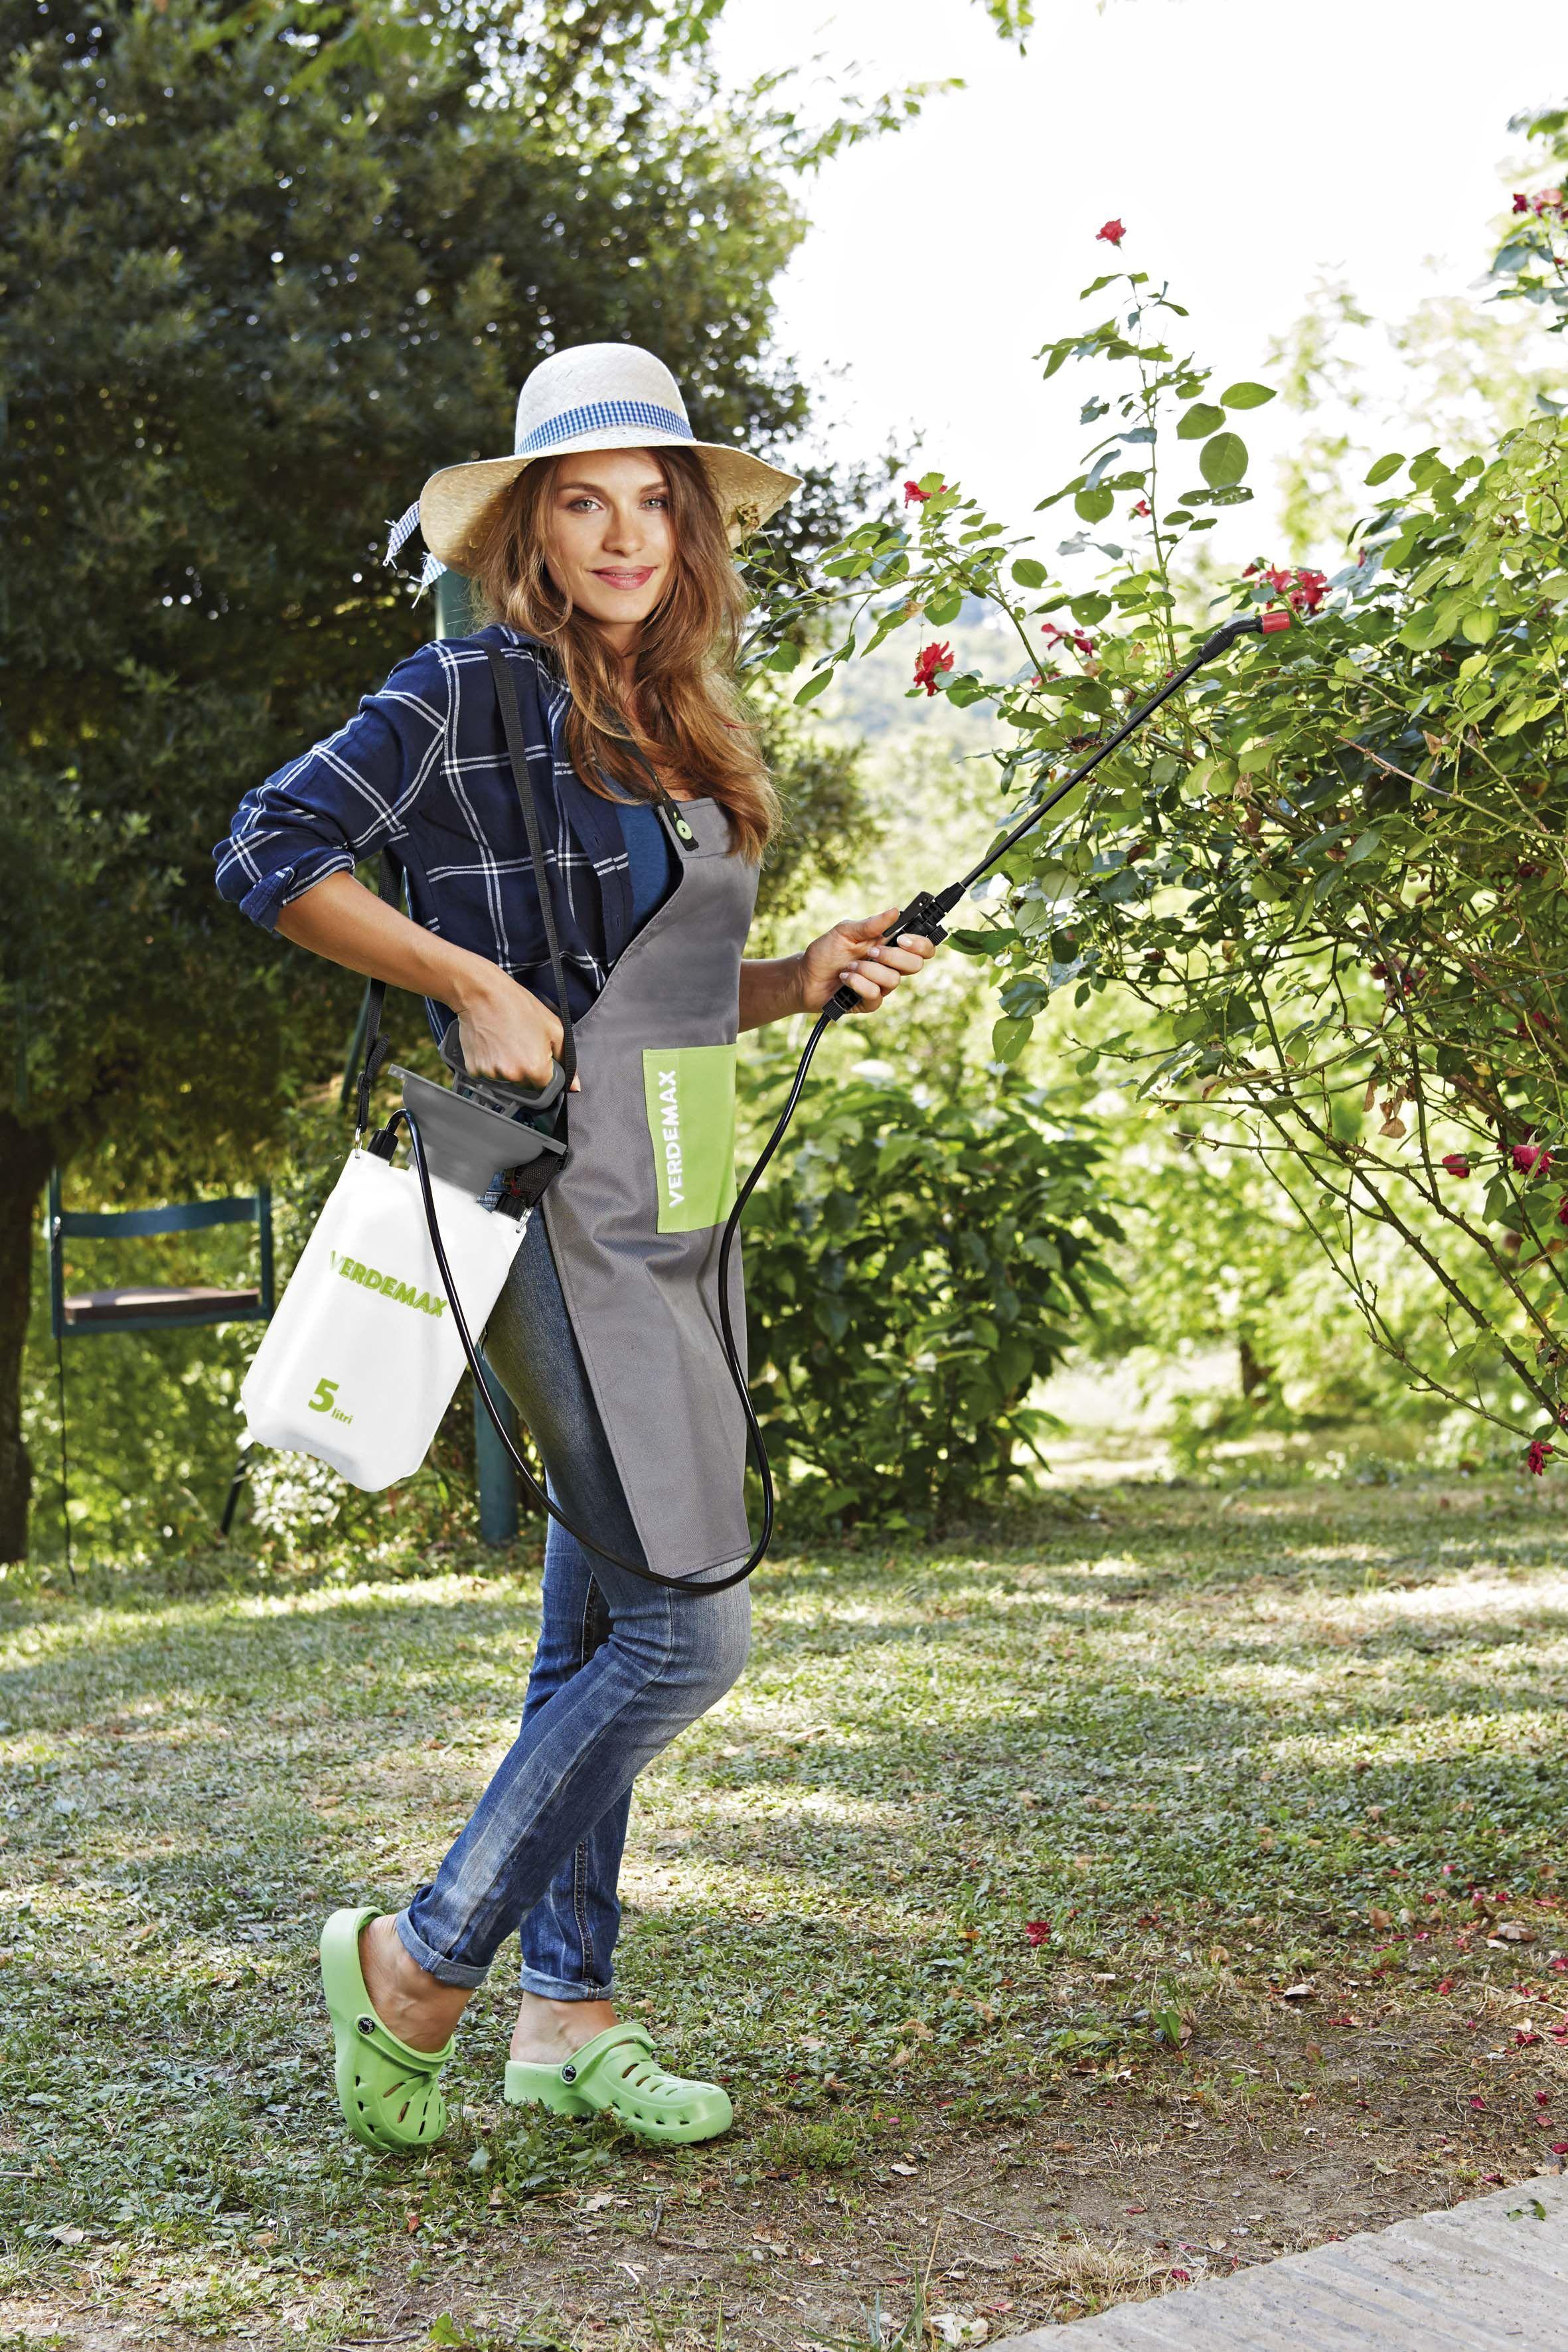 Bagnare Piante Con Bottiglie per innaffiare le vostre piante, provate la comodità delle